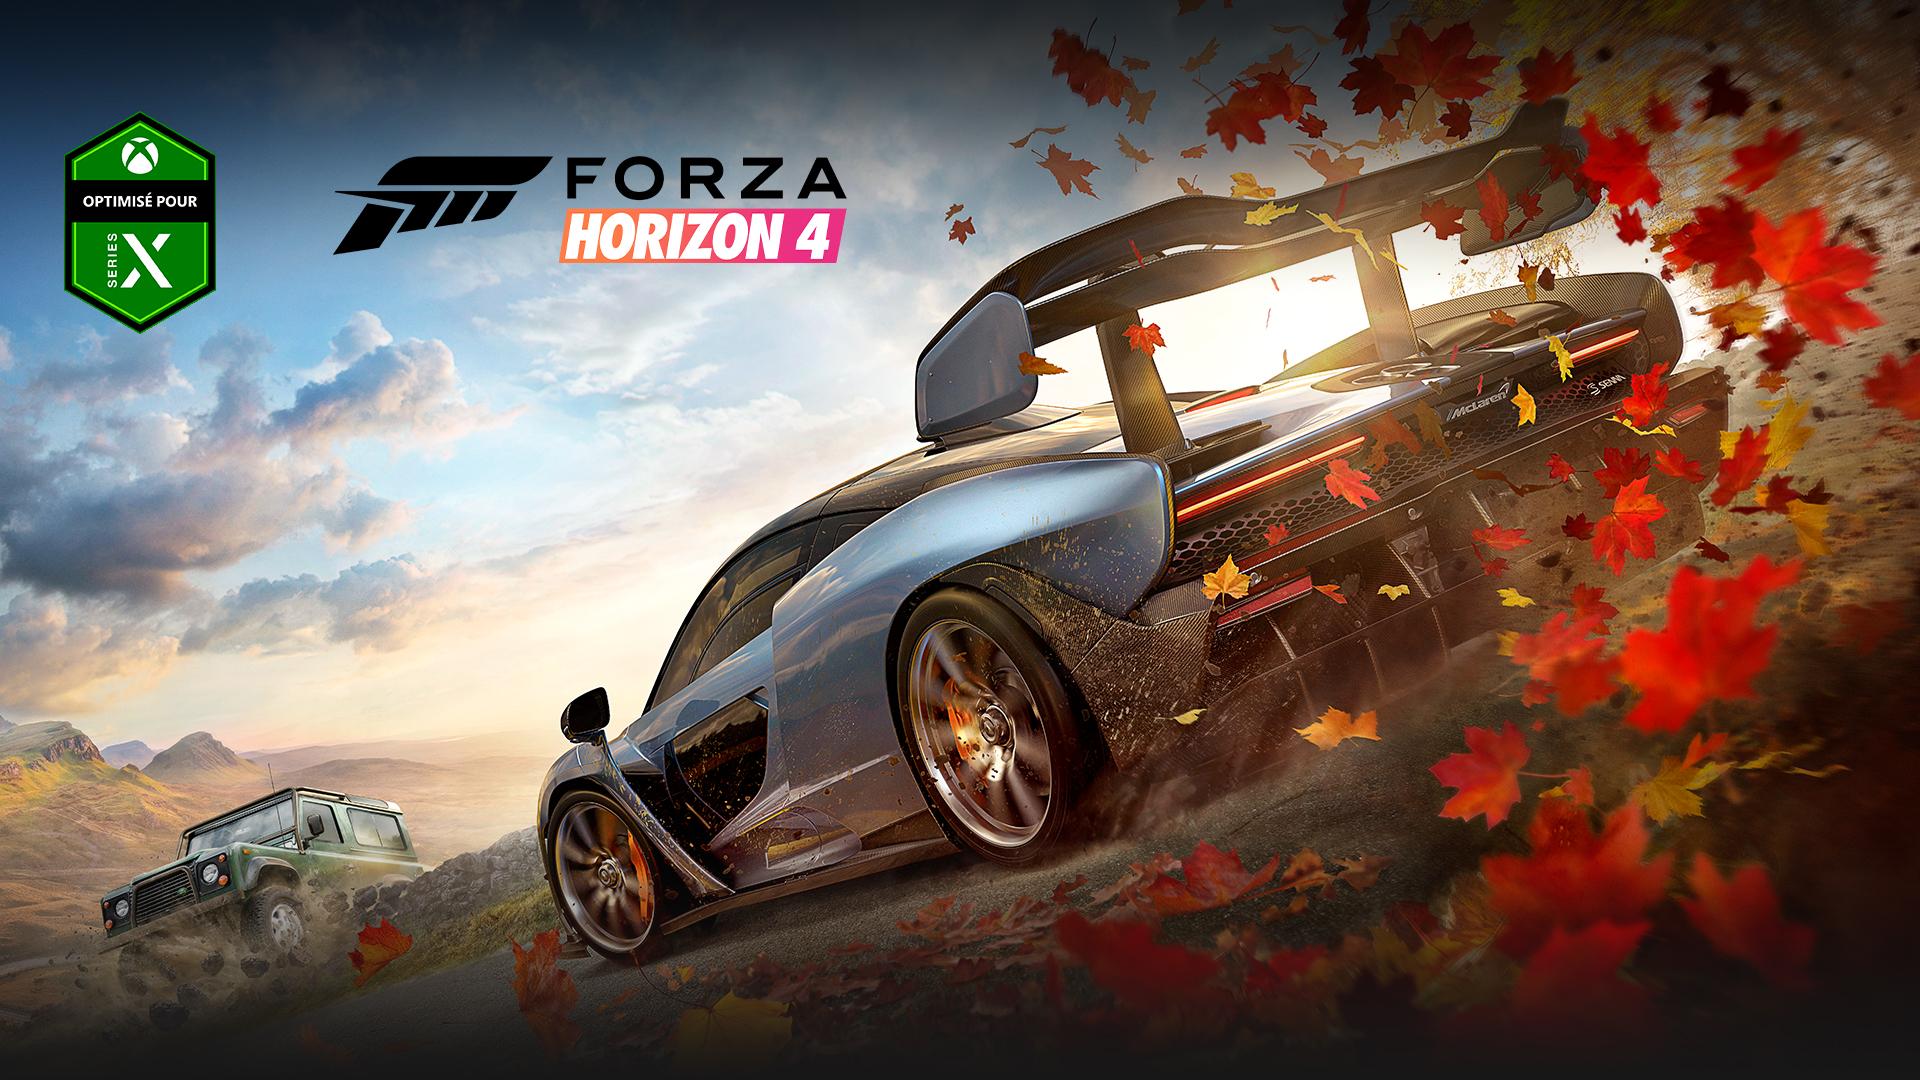 Dans Forza Horizon 4, optimisé pour Xbox Series X, deux voitures avec des feuilles derrière l'une d'elles